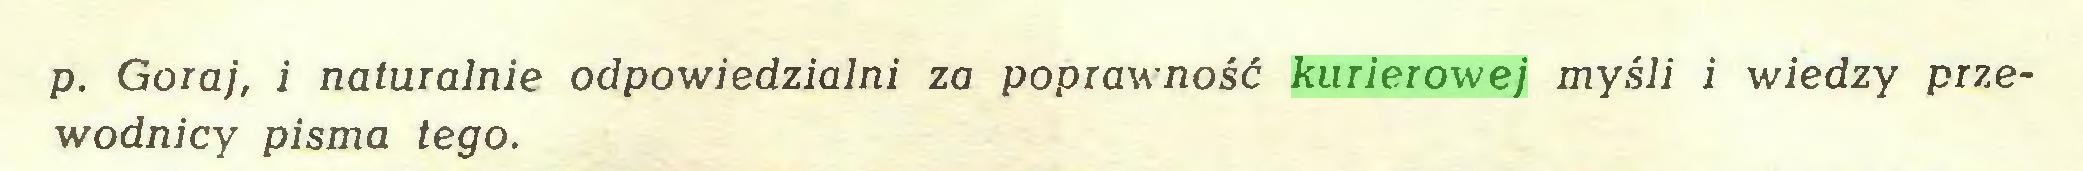 (...) p. Goraj, i naturalnie odpowiedzialni za poprawność kurierowej myśli i wiedzy przewodnicy pisma tego...